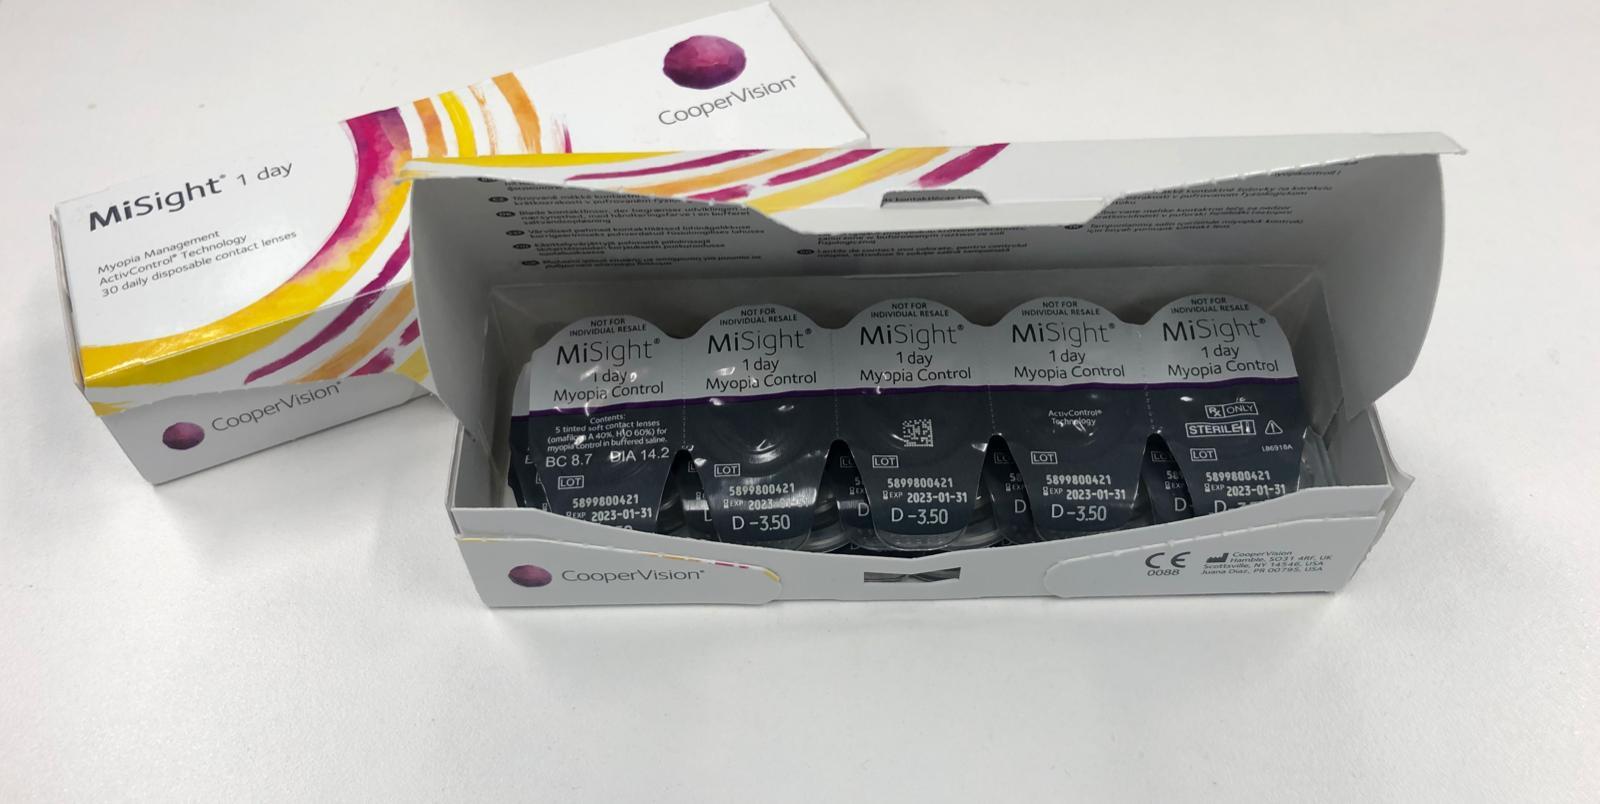 控制近視的軟性隱形眼鏡產品MiSight 1 day,去年通過美國食品和藥物管理局(FDA)認證。(受訪者提供)